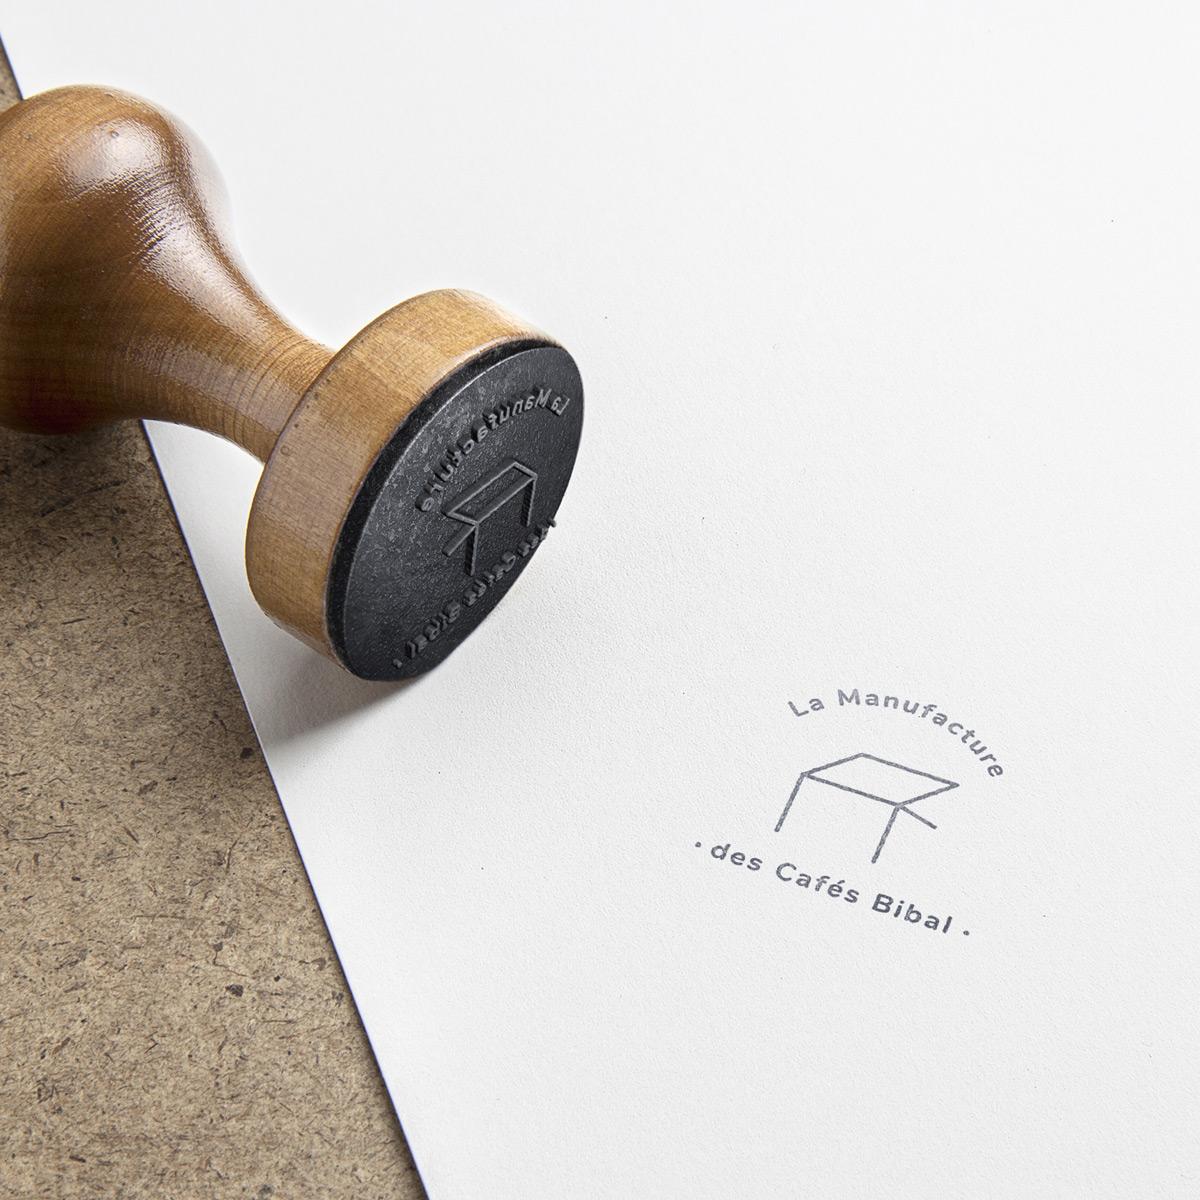 https://isse-ari-design.fr/wp-content/uploads/2020/08/tampon-cafes-bibal.jpg